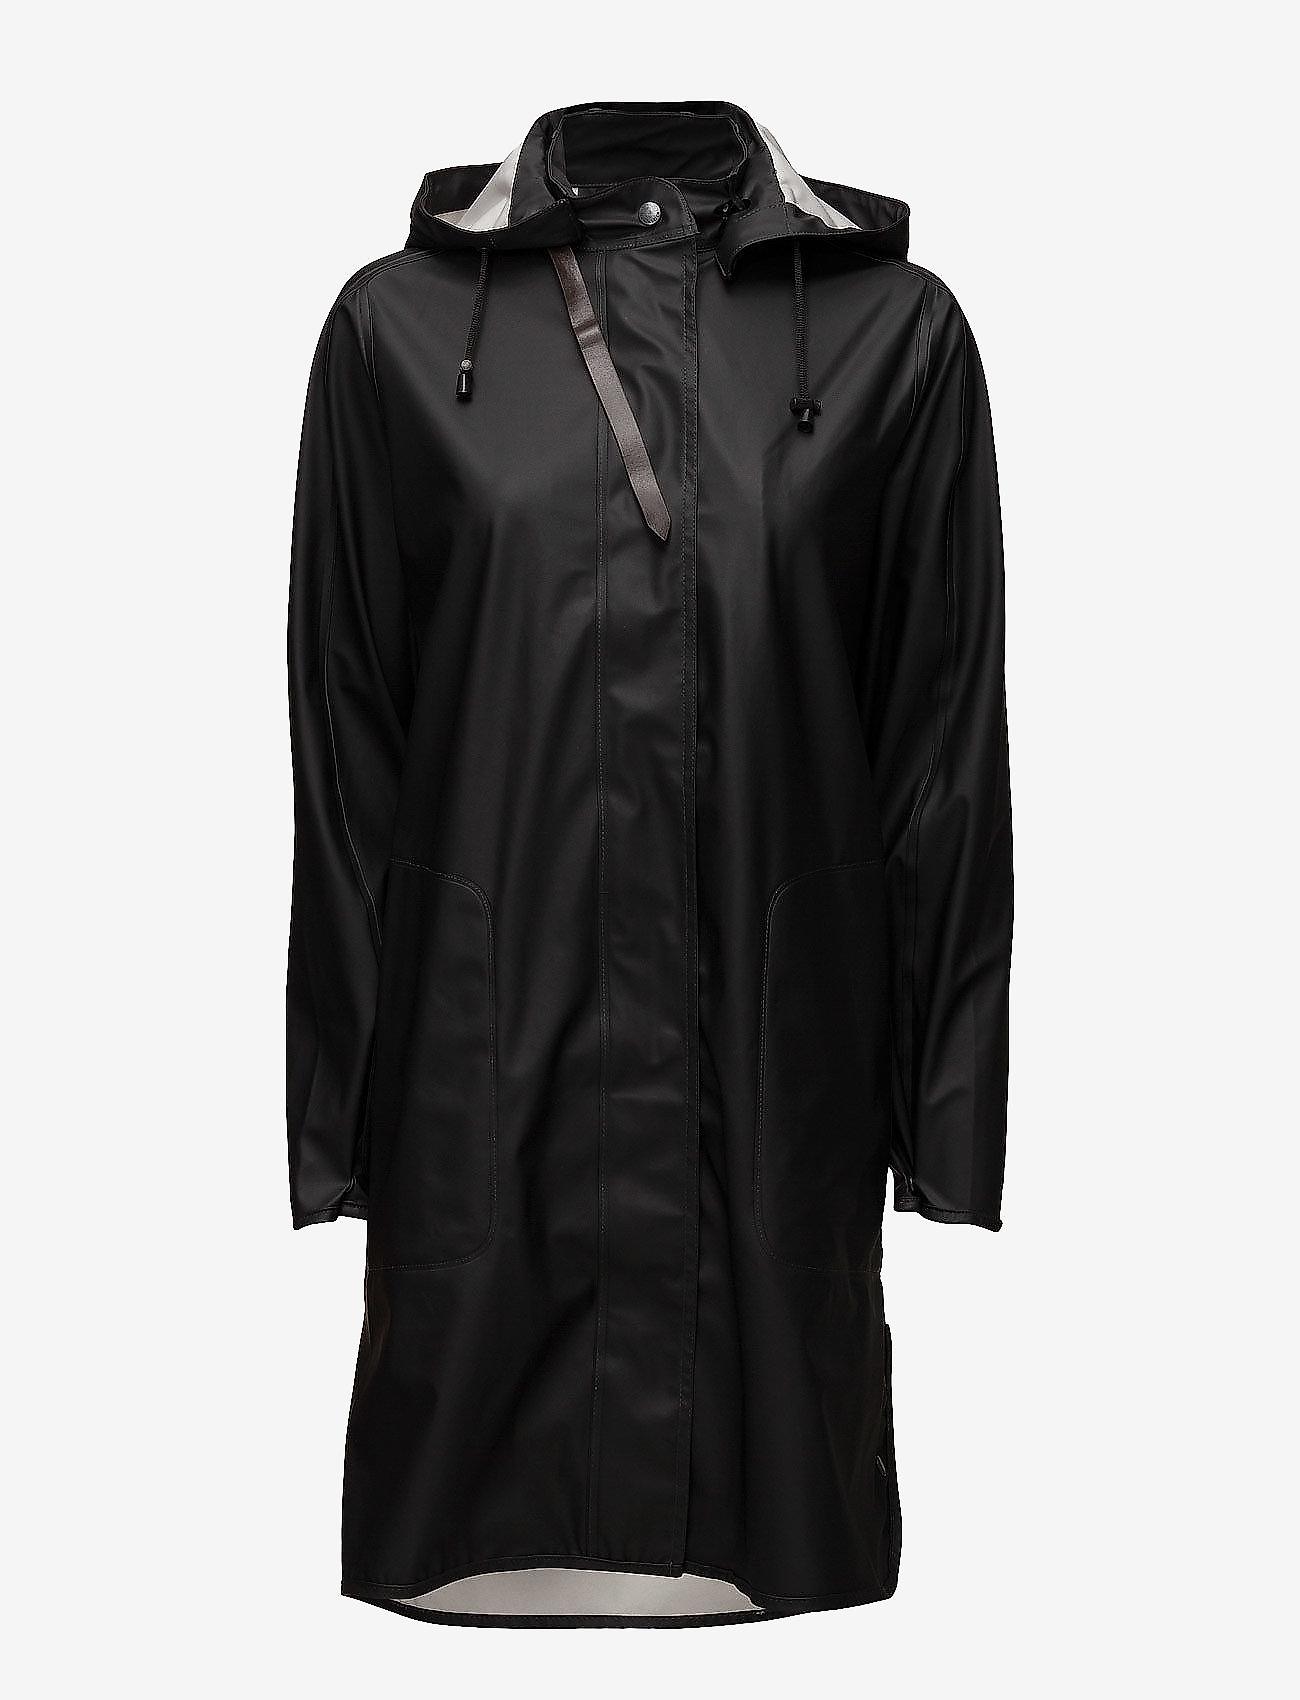 Ilse Jacobsen - RAINCOAT - manteaux de pluie - black - 1